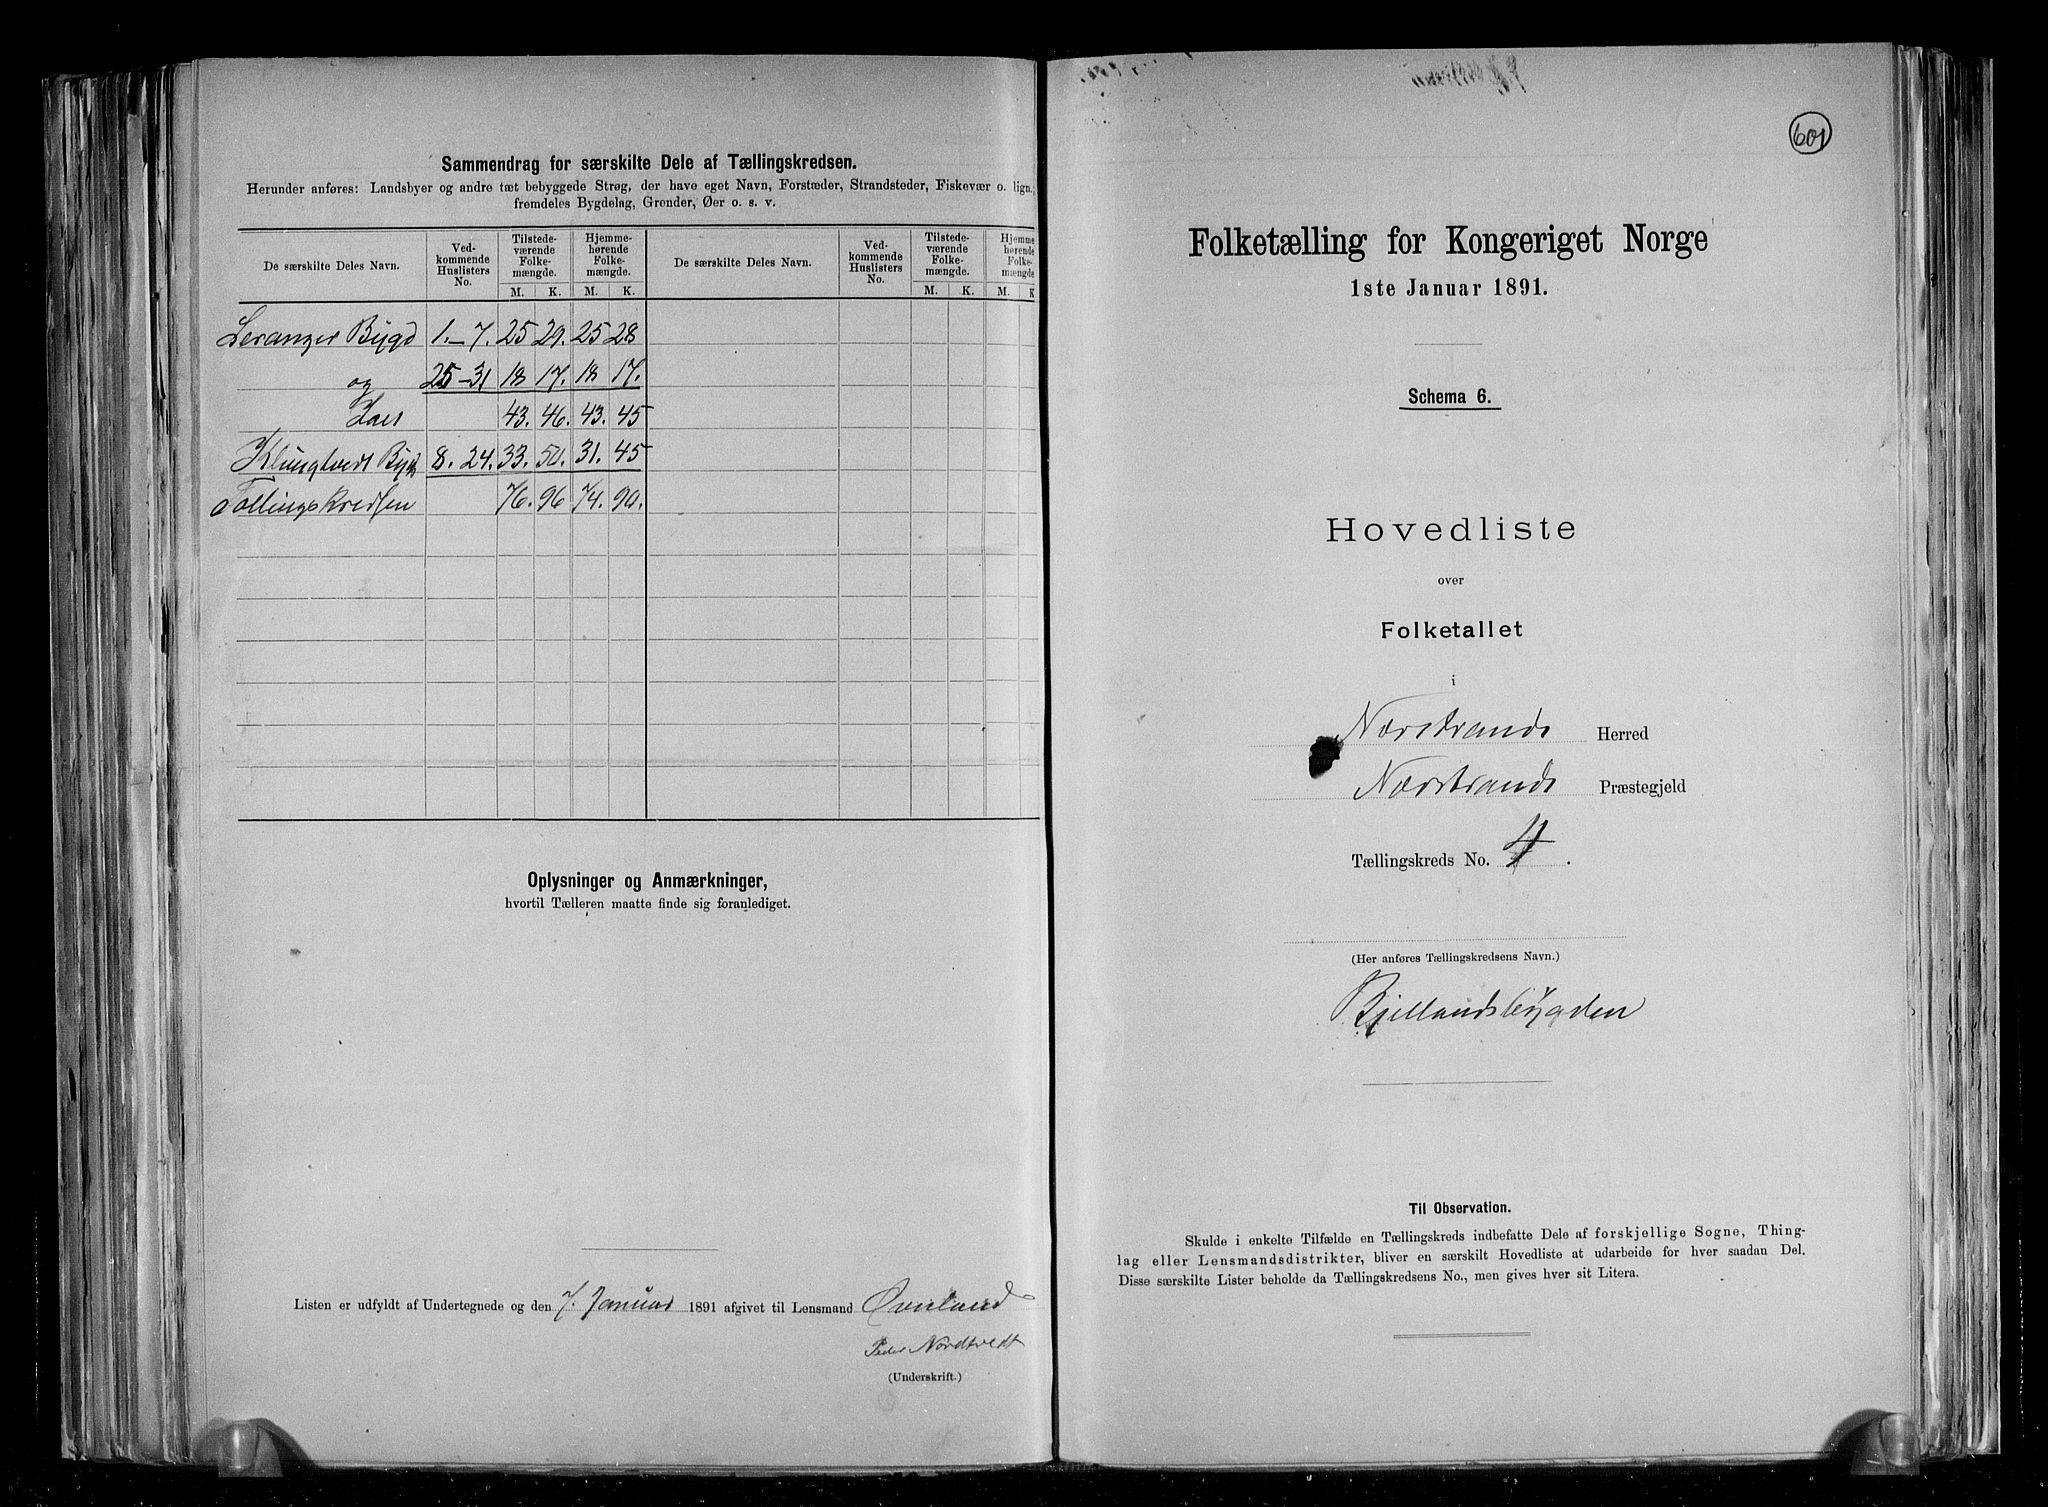 RA, Folketelling 1891 for 1139 Nedstrand herred, 1891, s. 11